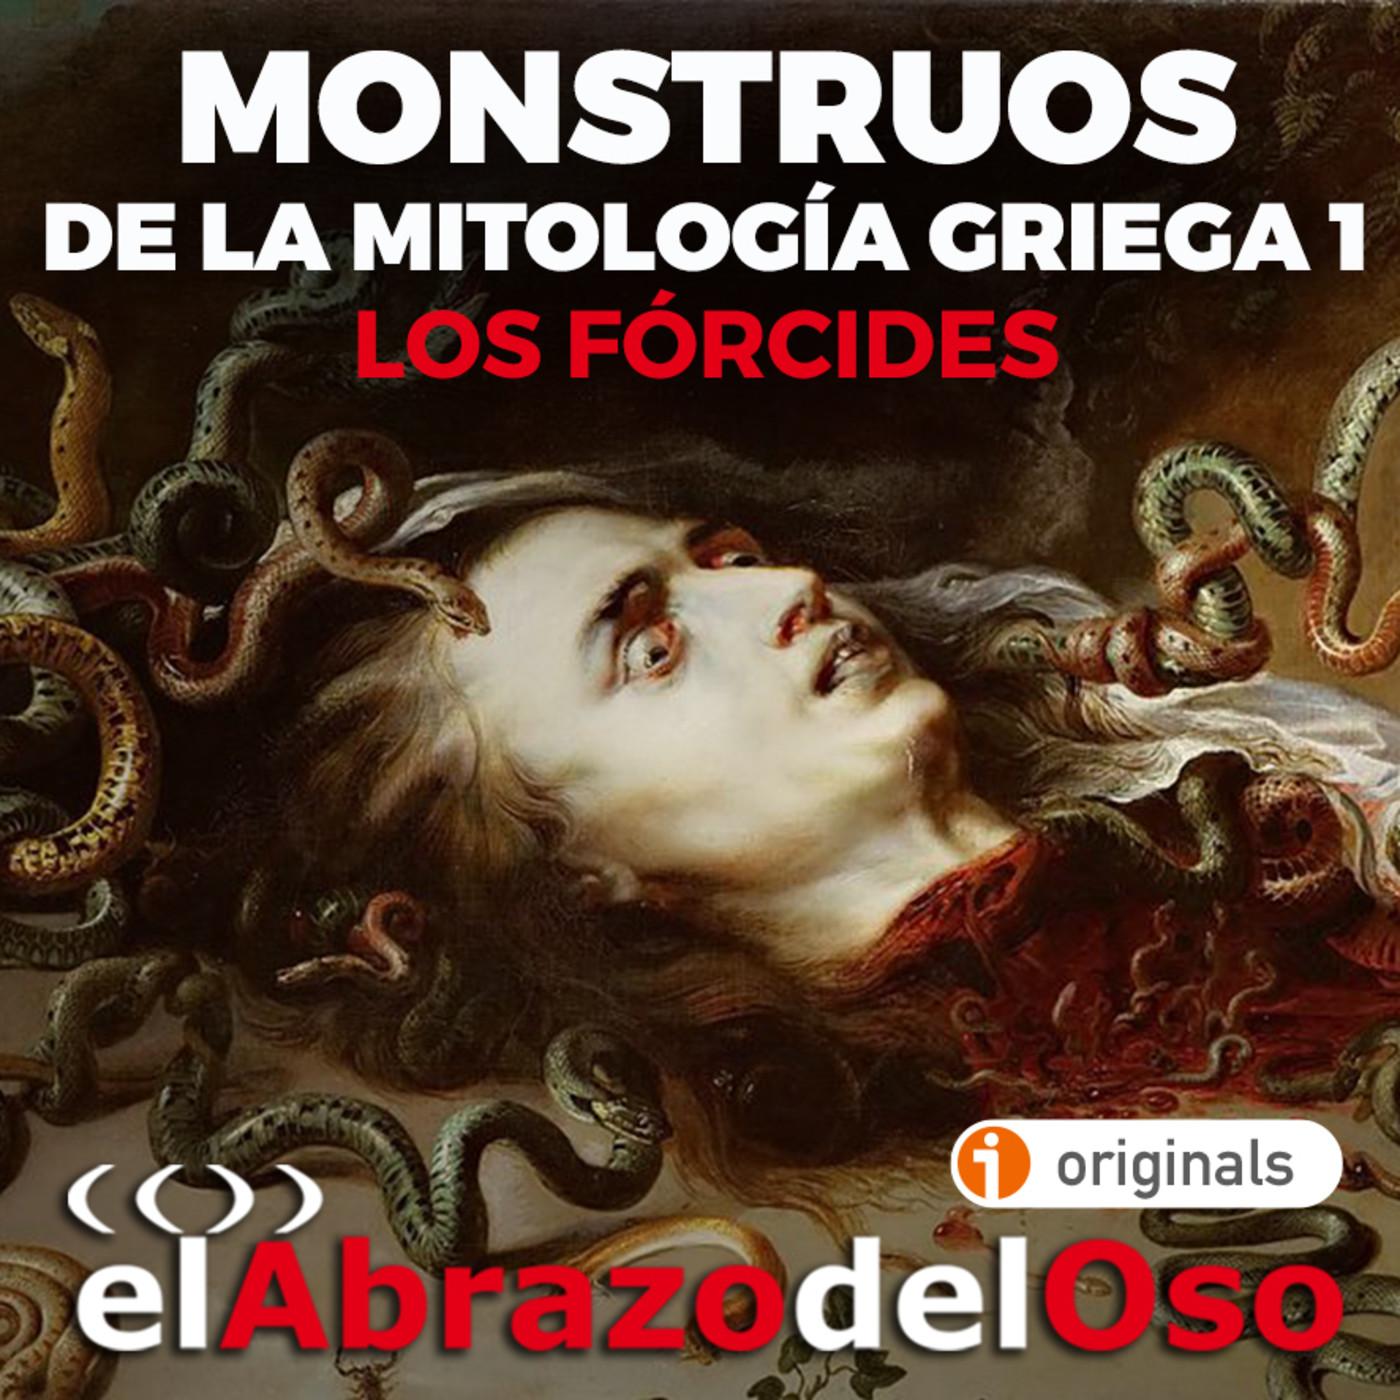 El Abrazo del Oso - Monstruos de la mitología griega 1: Los Fórcides